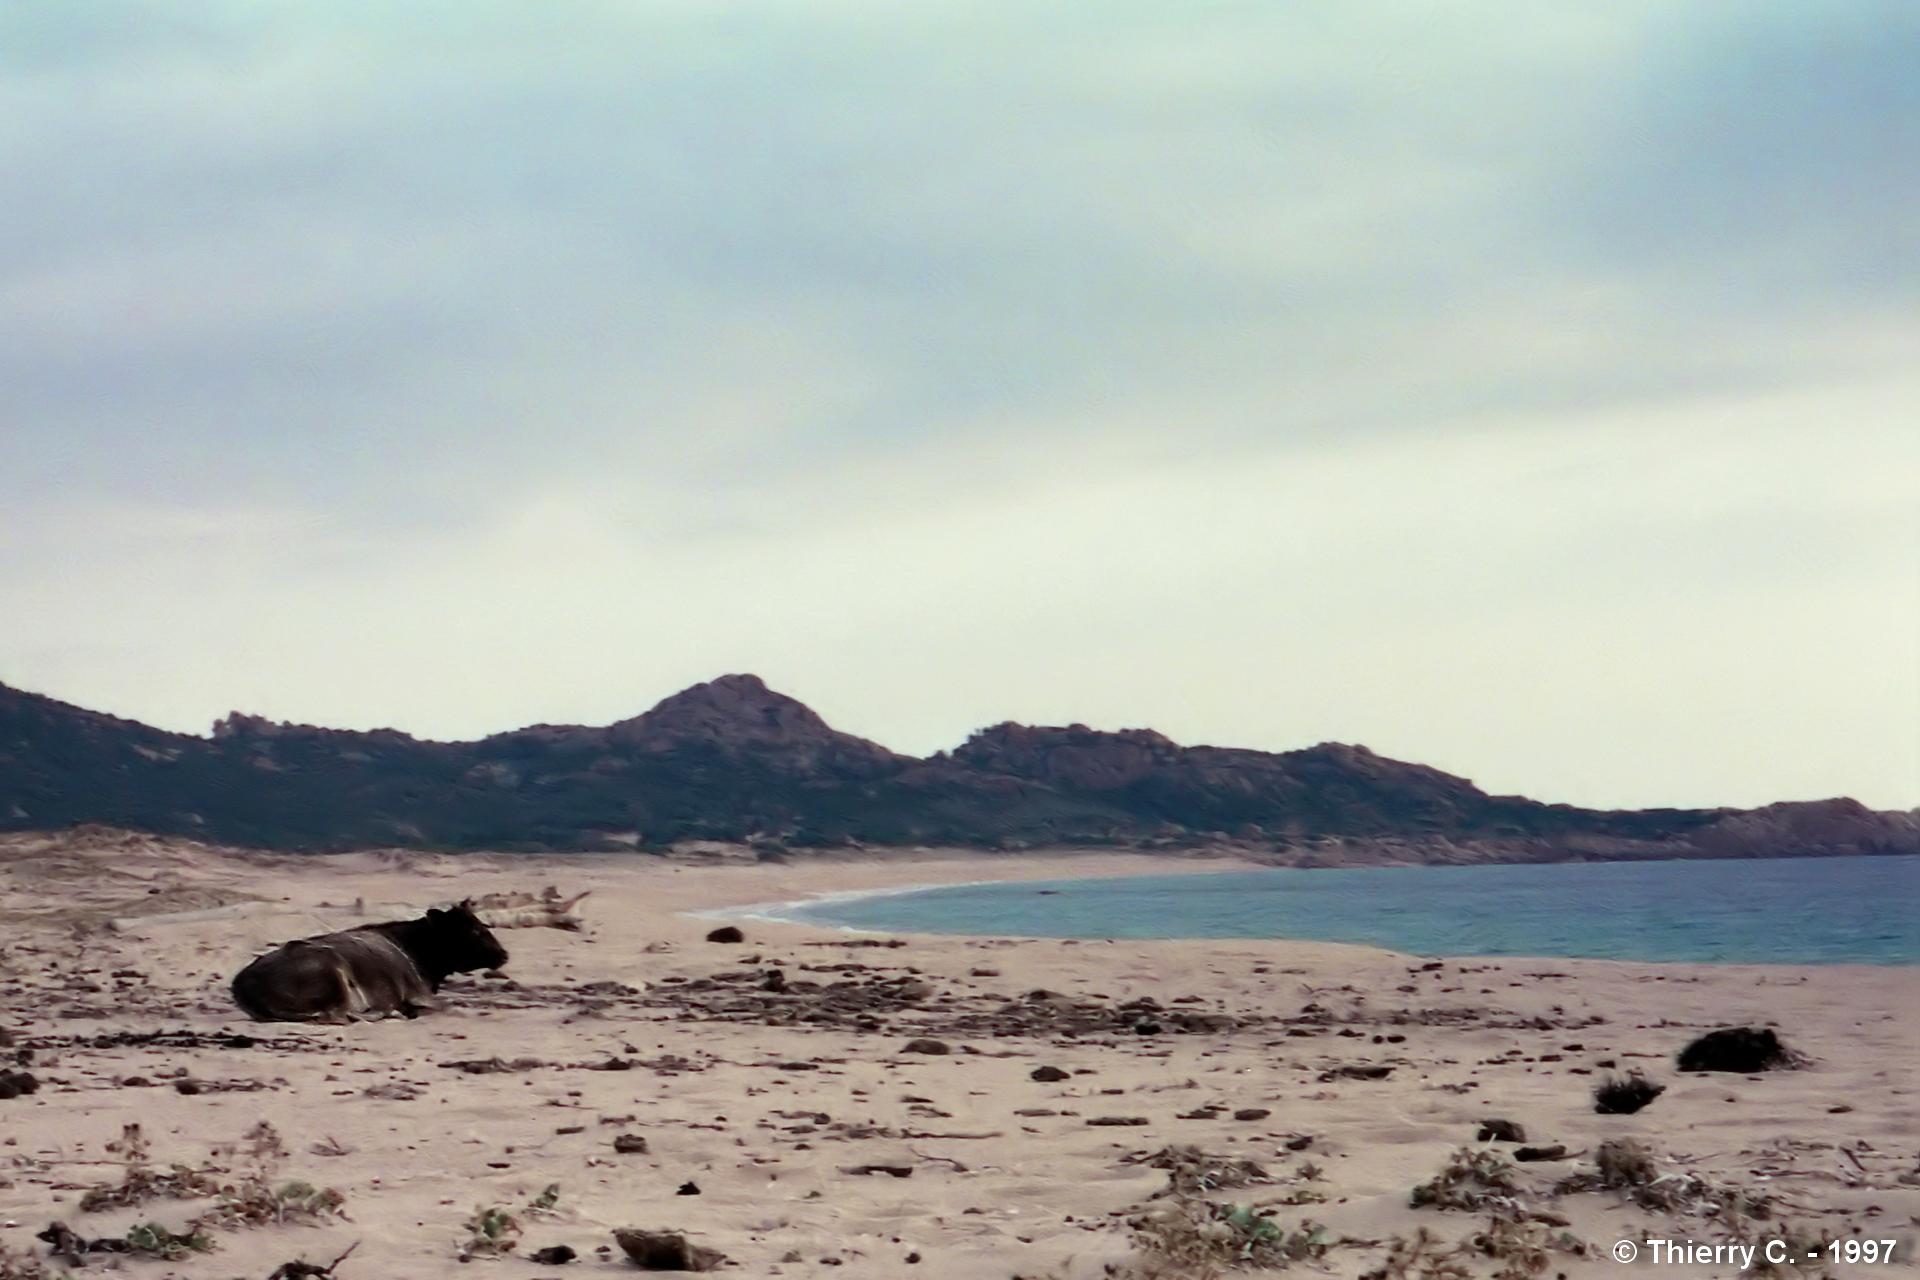 Une plage paradisiaque en Corse. Les vaches ne s'y trompent pas